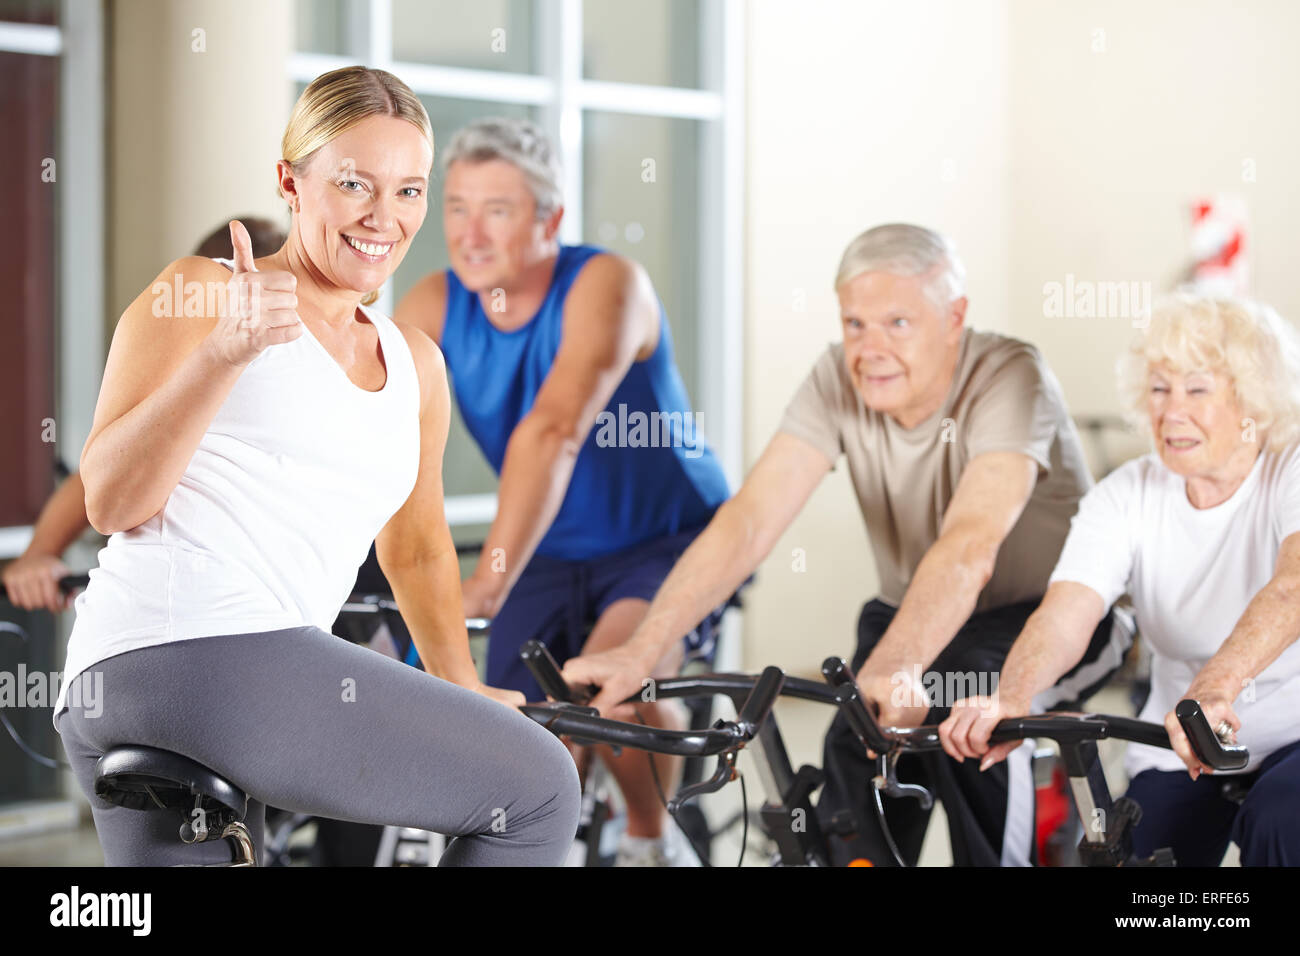 Felice istruttore di fitness in palestra tenendo pollice in alto con il gruppo senior Immagini Stock